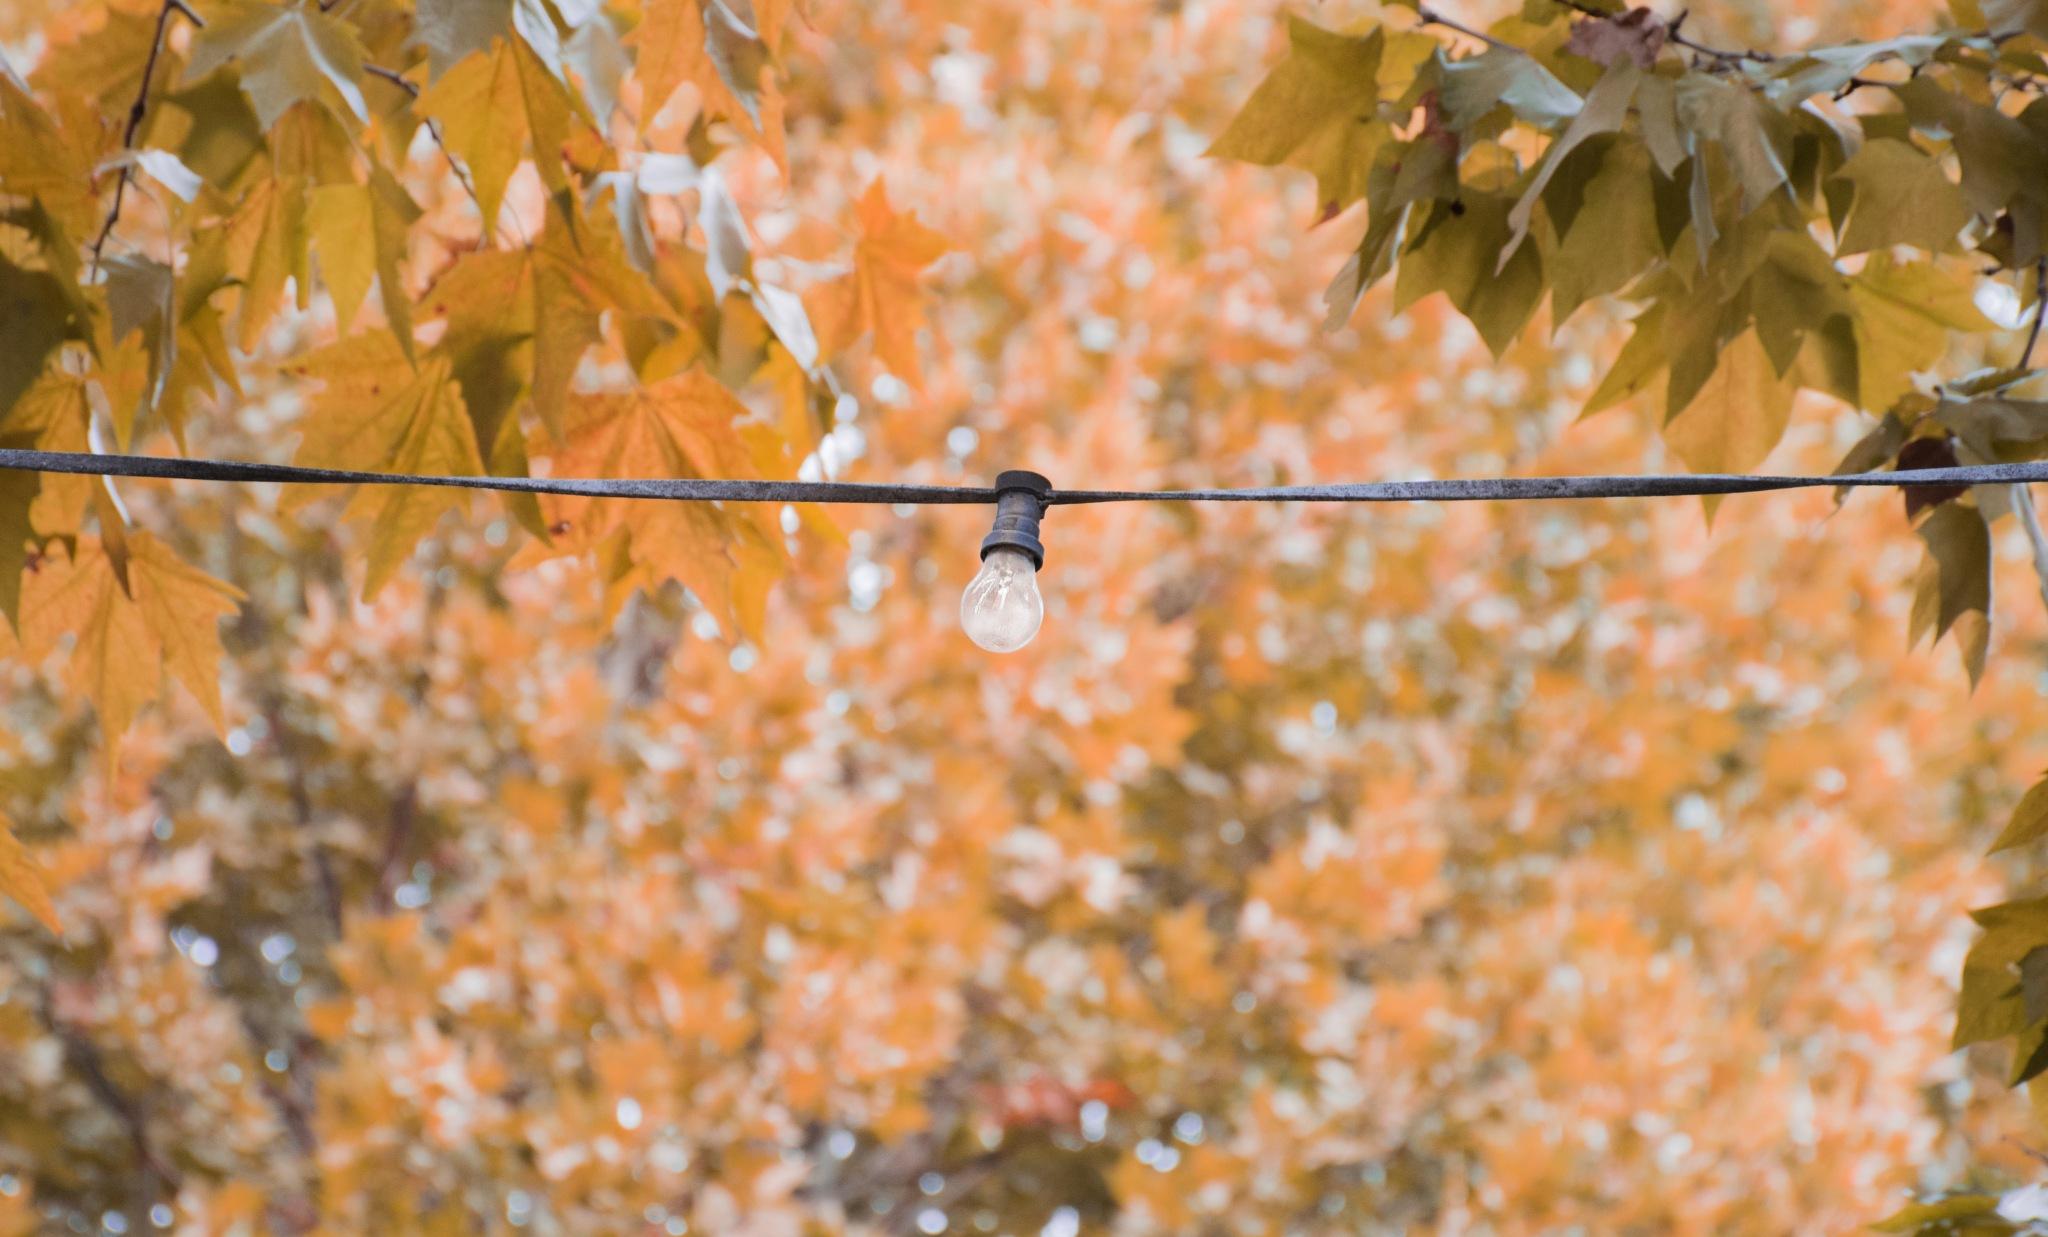 Autumn Light Bulb by Janine Burrow